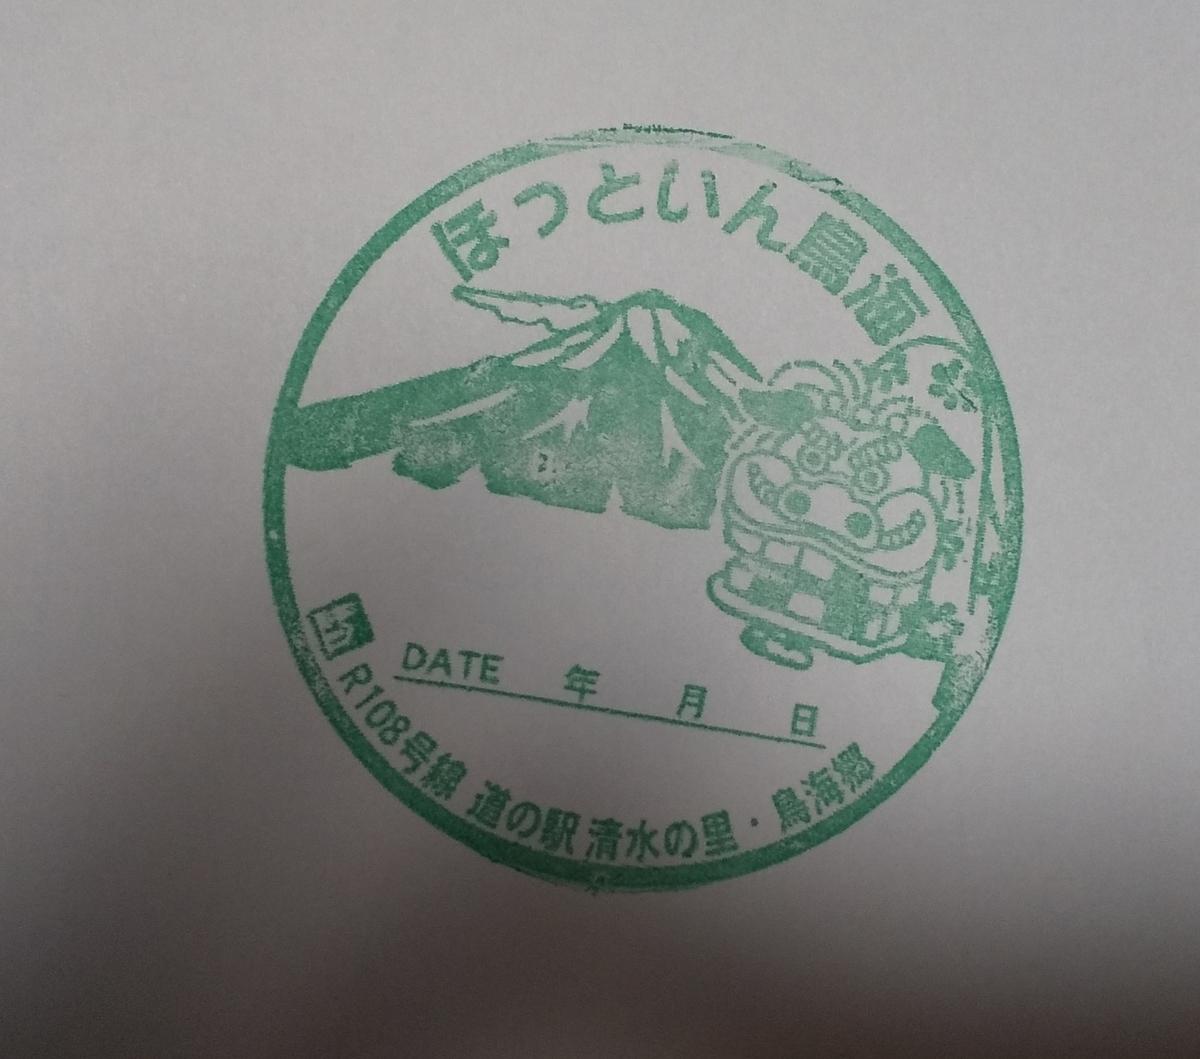 f:id:hawaiianquiltsai:20201022094145j:plain